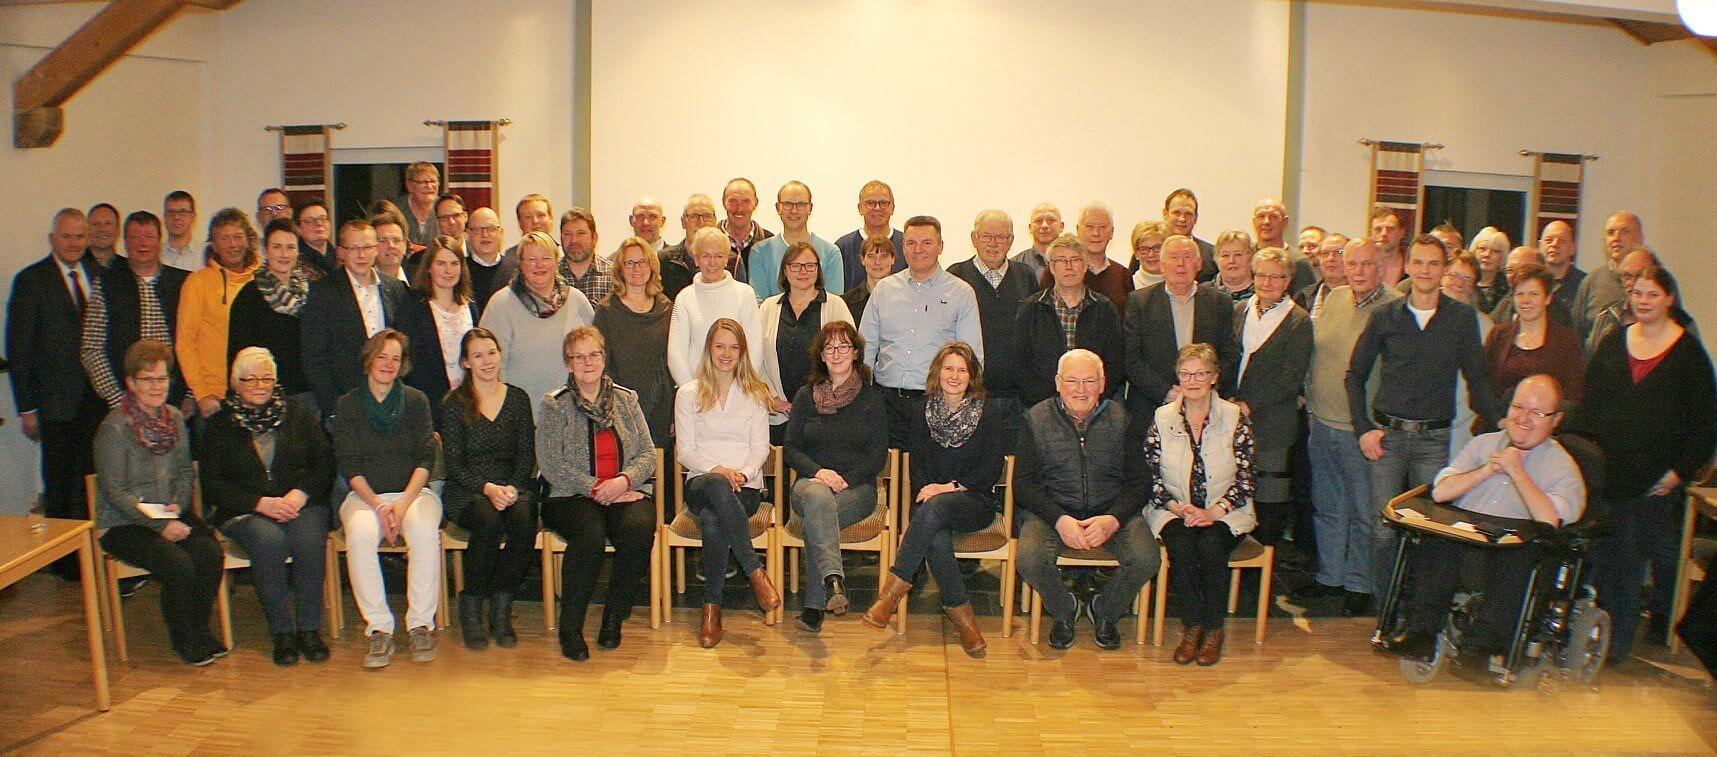 Gruppenfoto der Gründungsversammlung